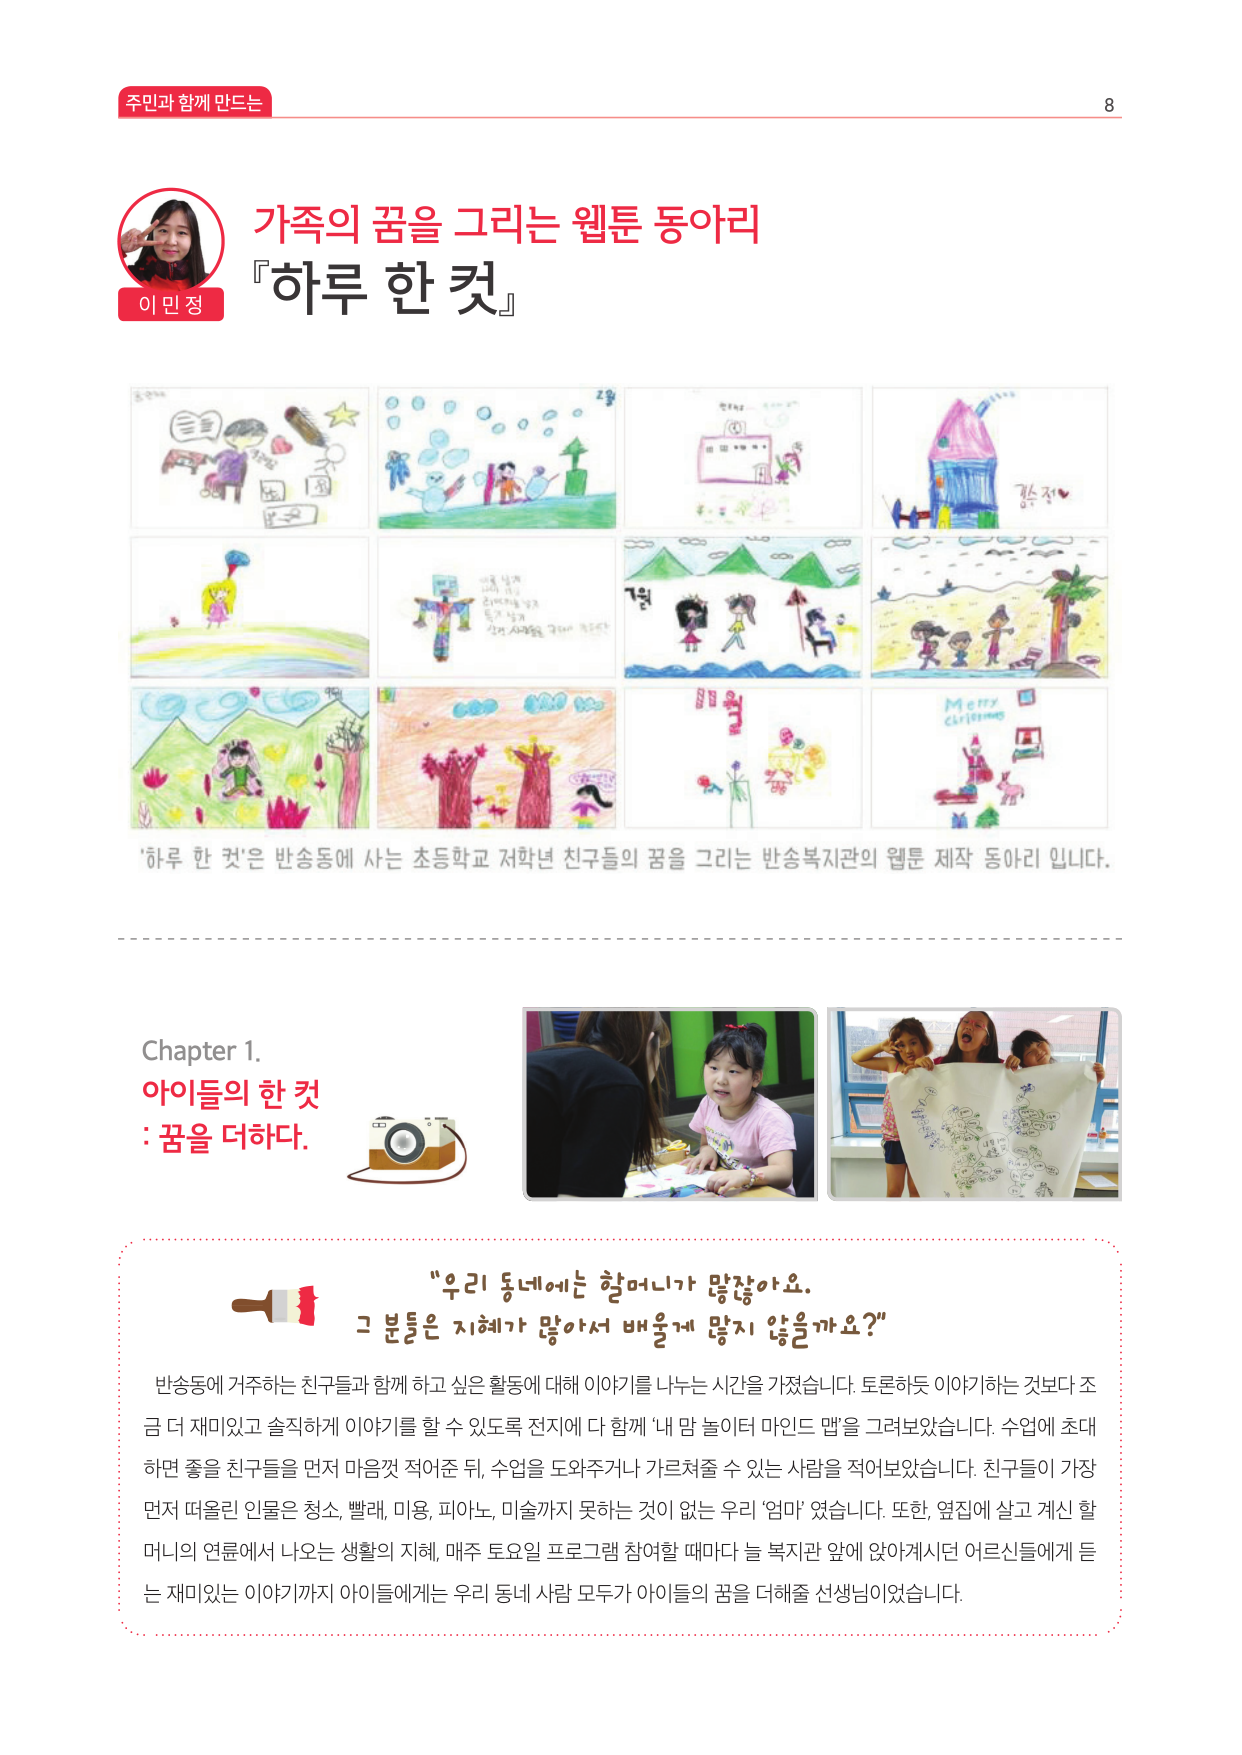 반송종합사회복지관연간소식지(2017)-08.jpg